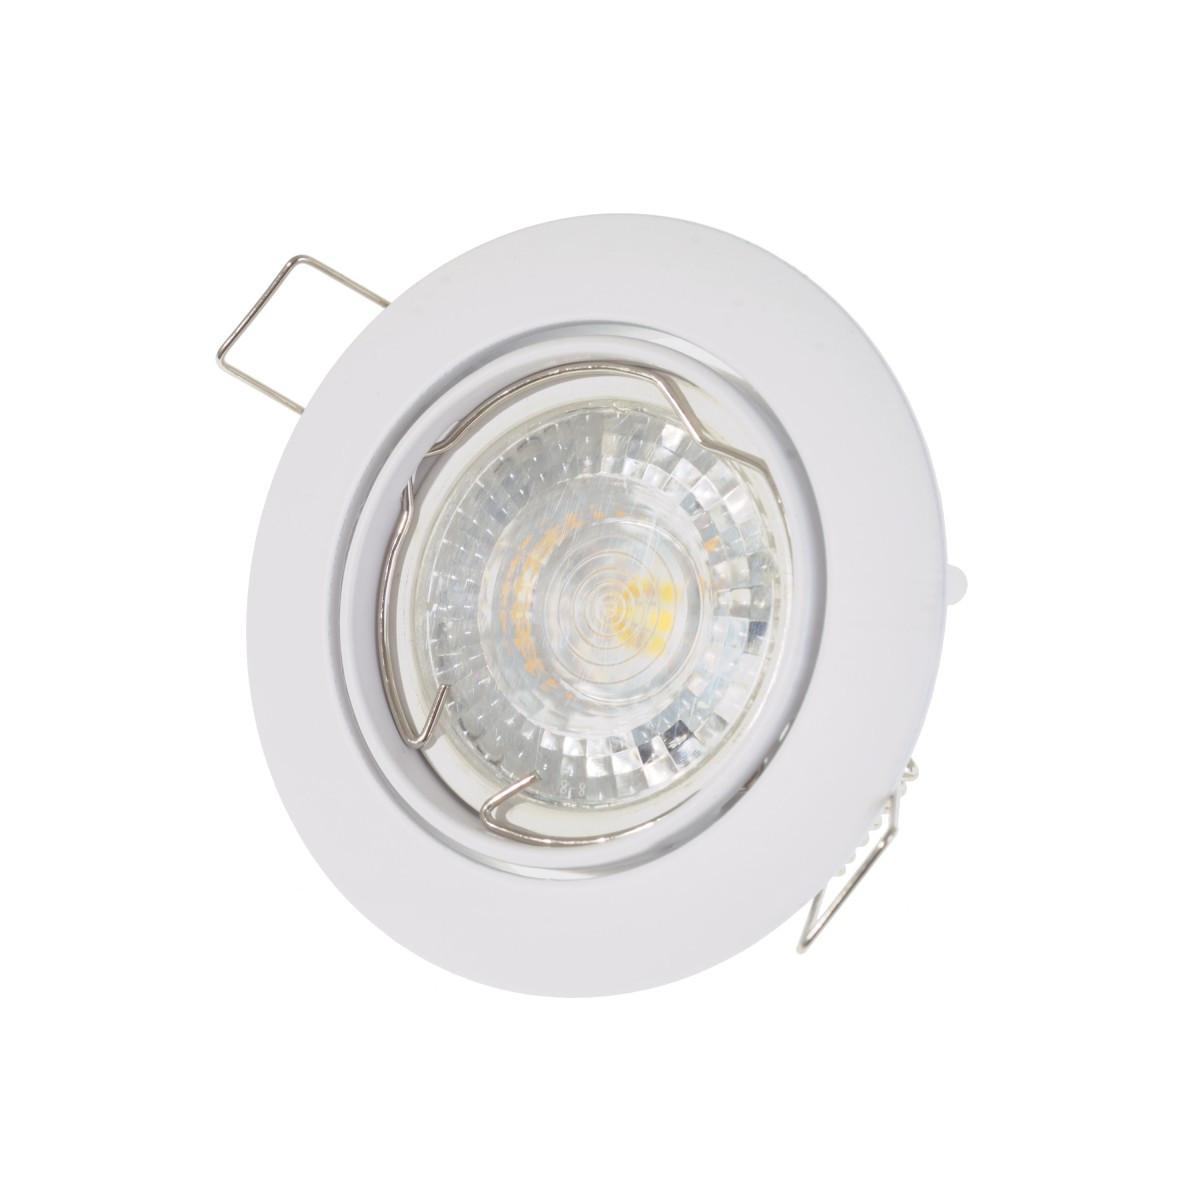 HDL-DT 01 WH светильник точечный